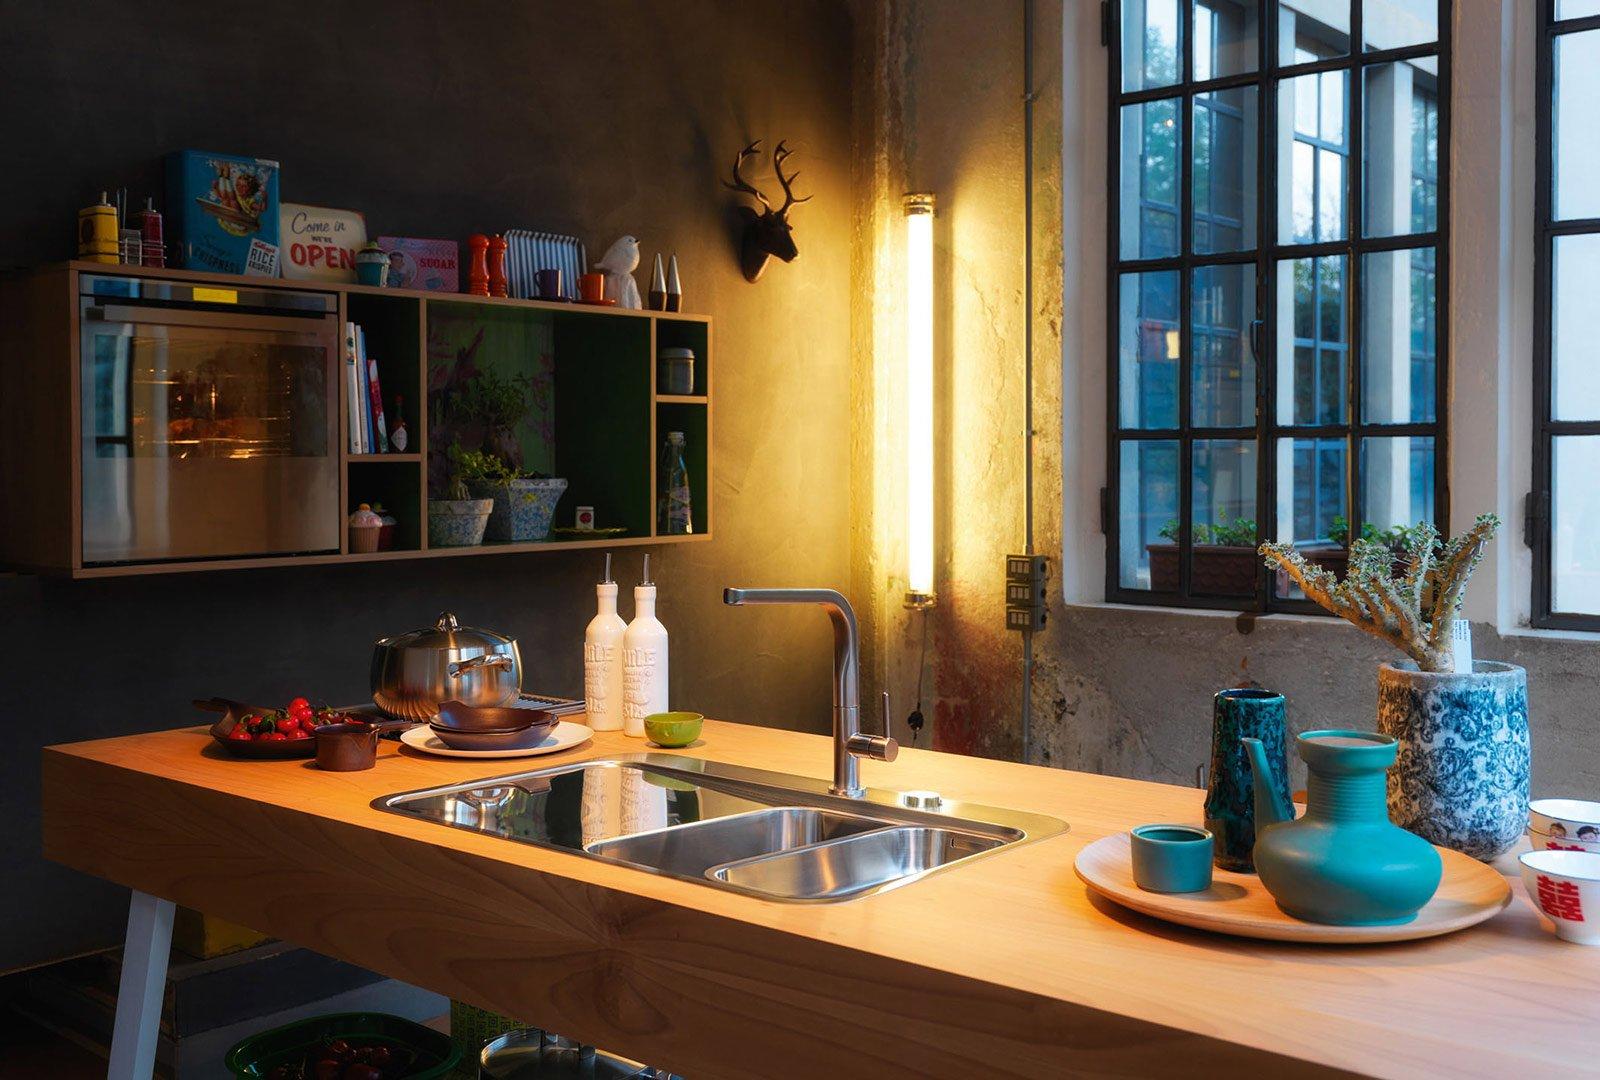 Lavelli come sceglierli cose di casa - Casa in acciaio prezzo ...